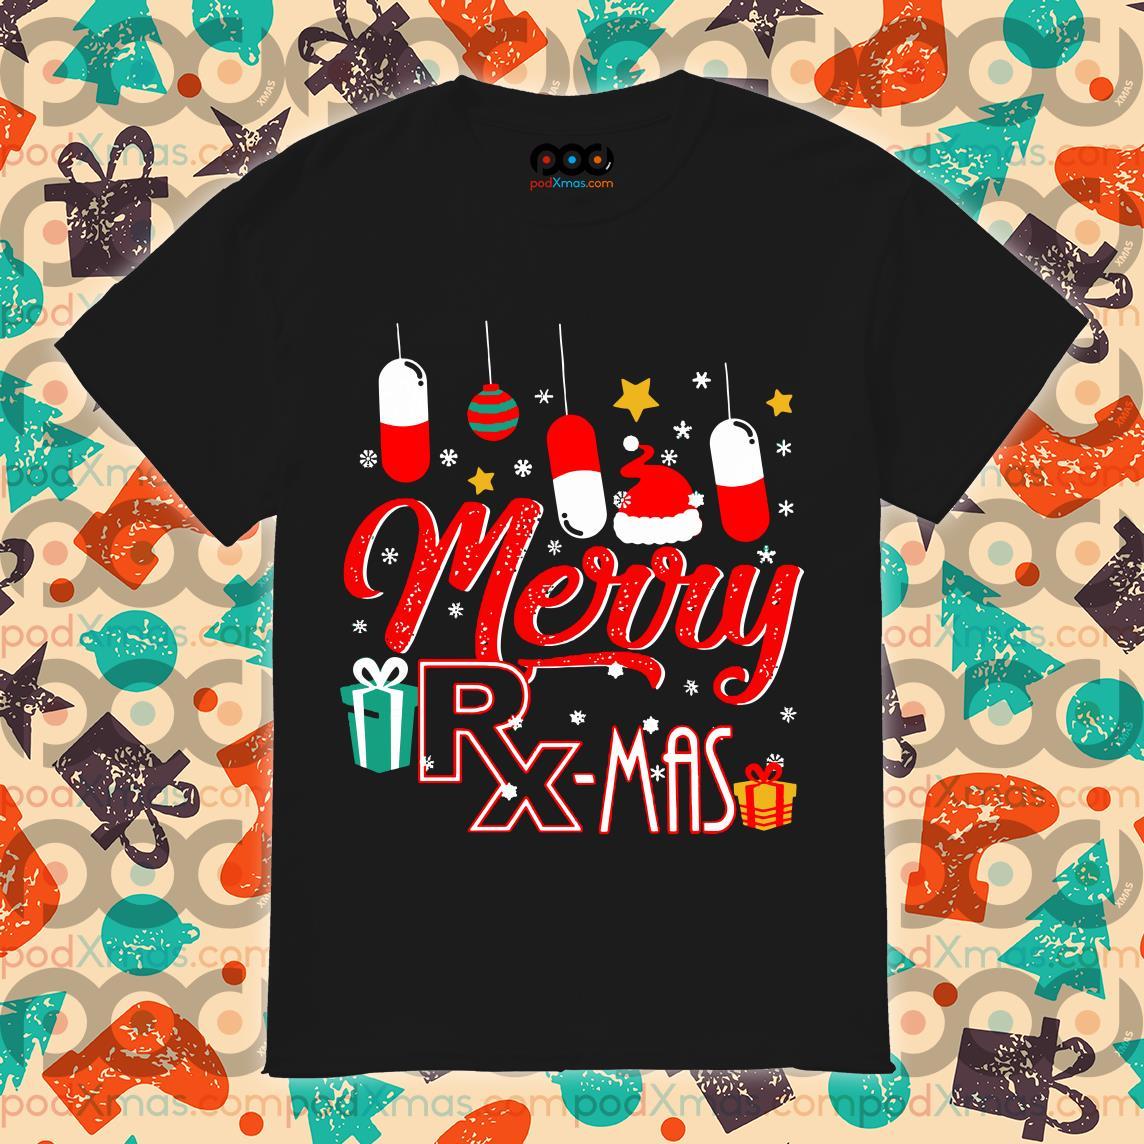 Pharmacist Merry RX mas Christmas shirt